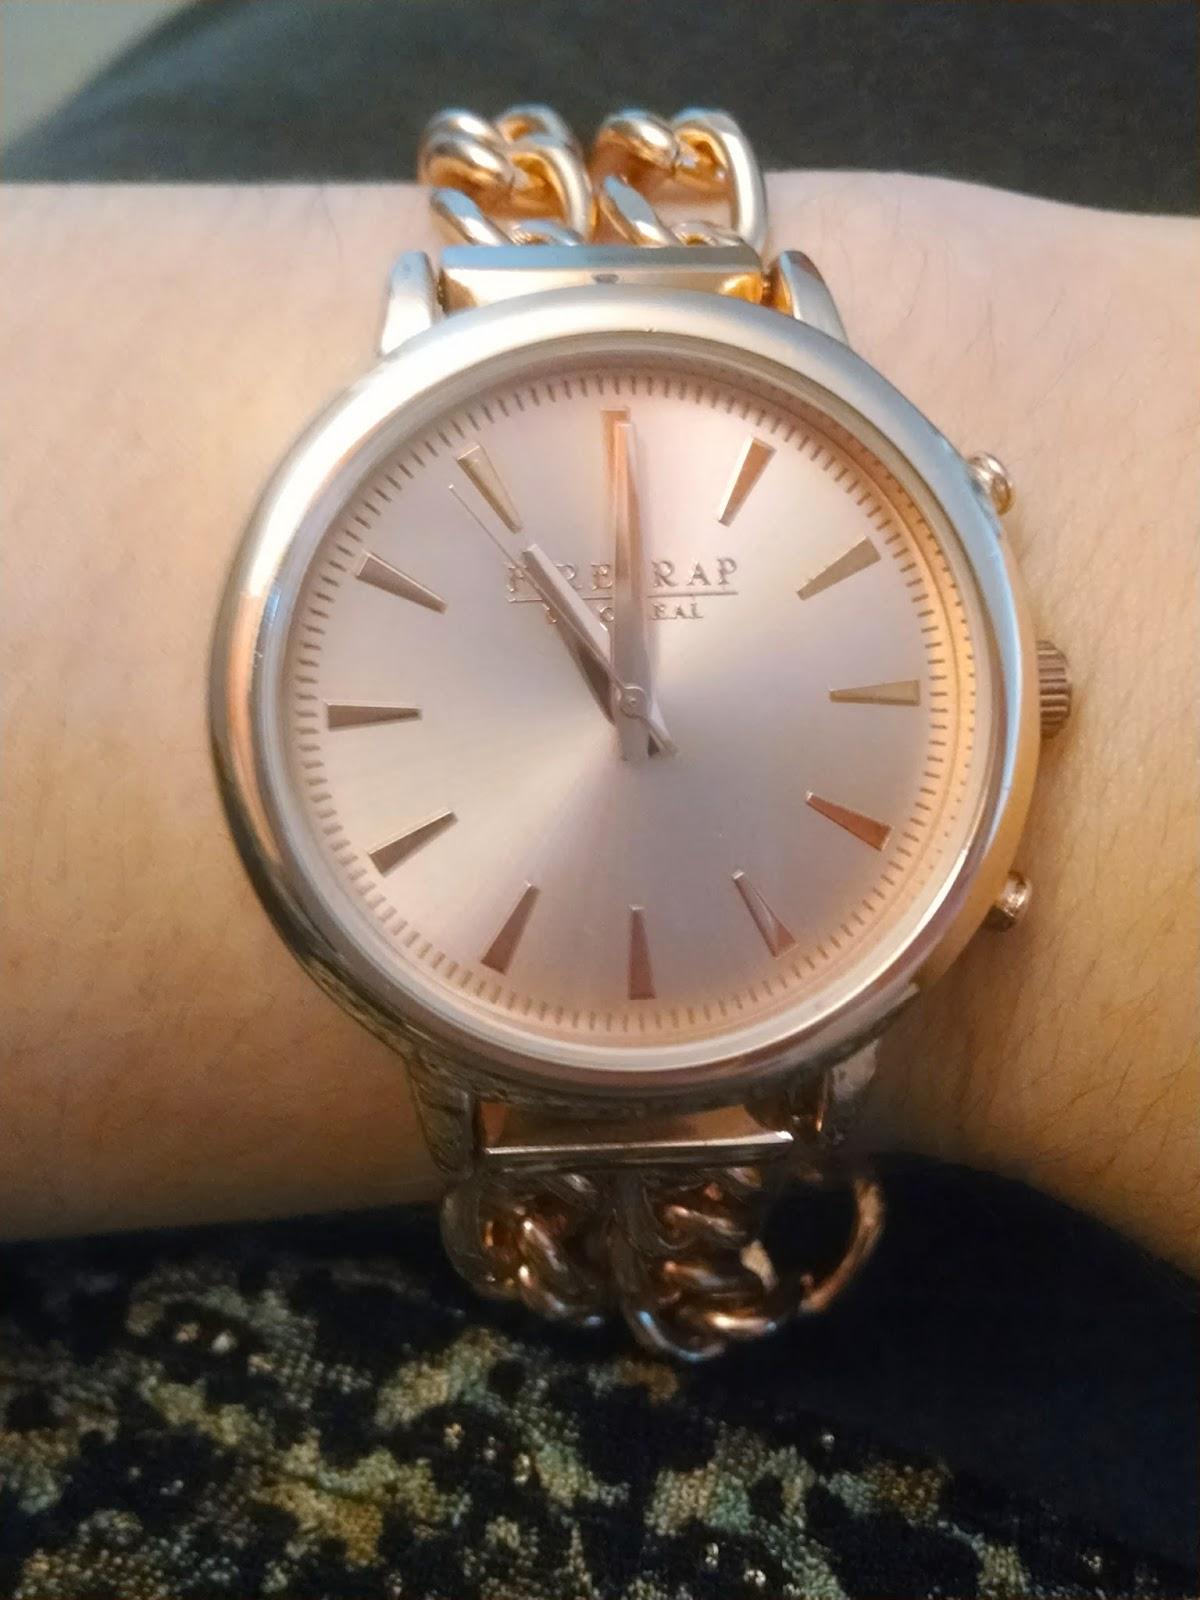 Firetrap blackseal watch